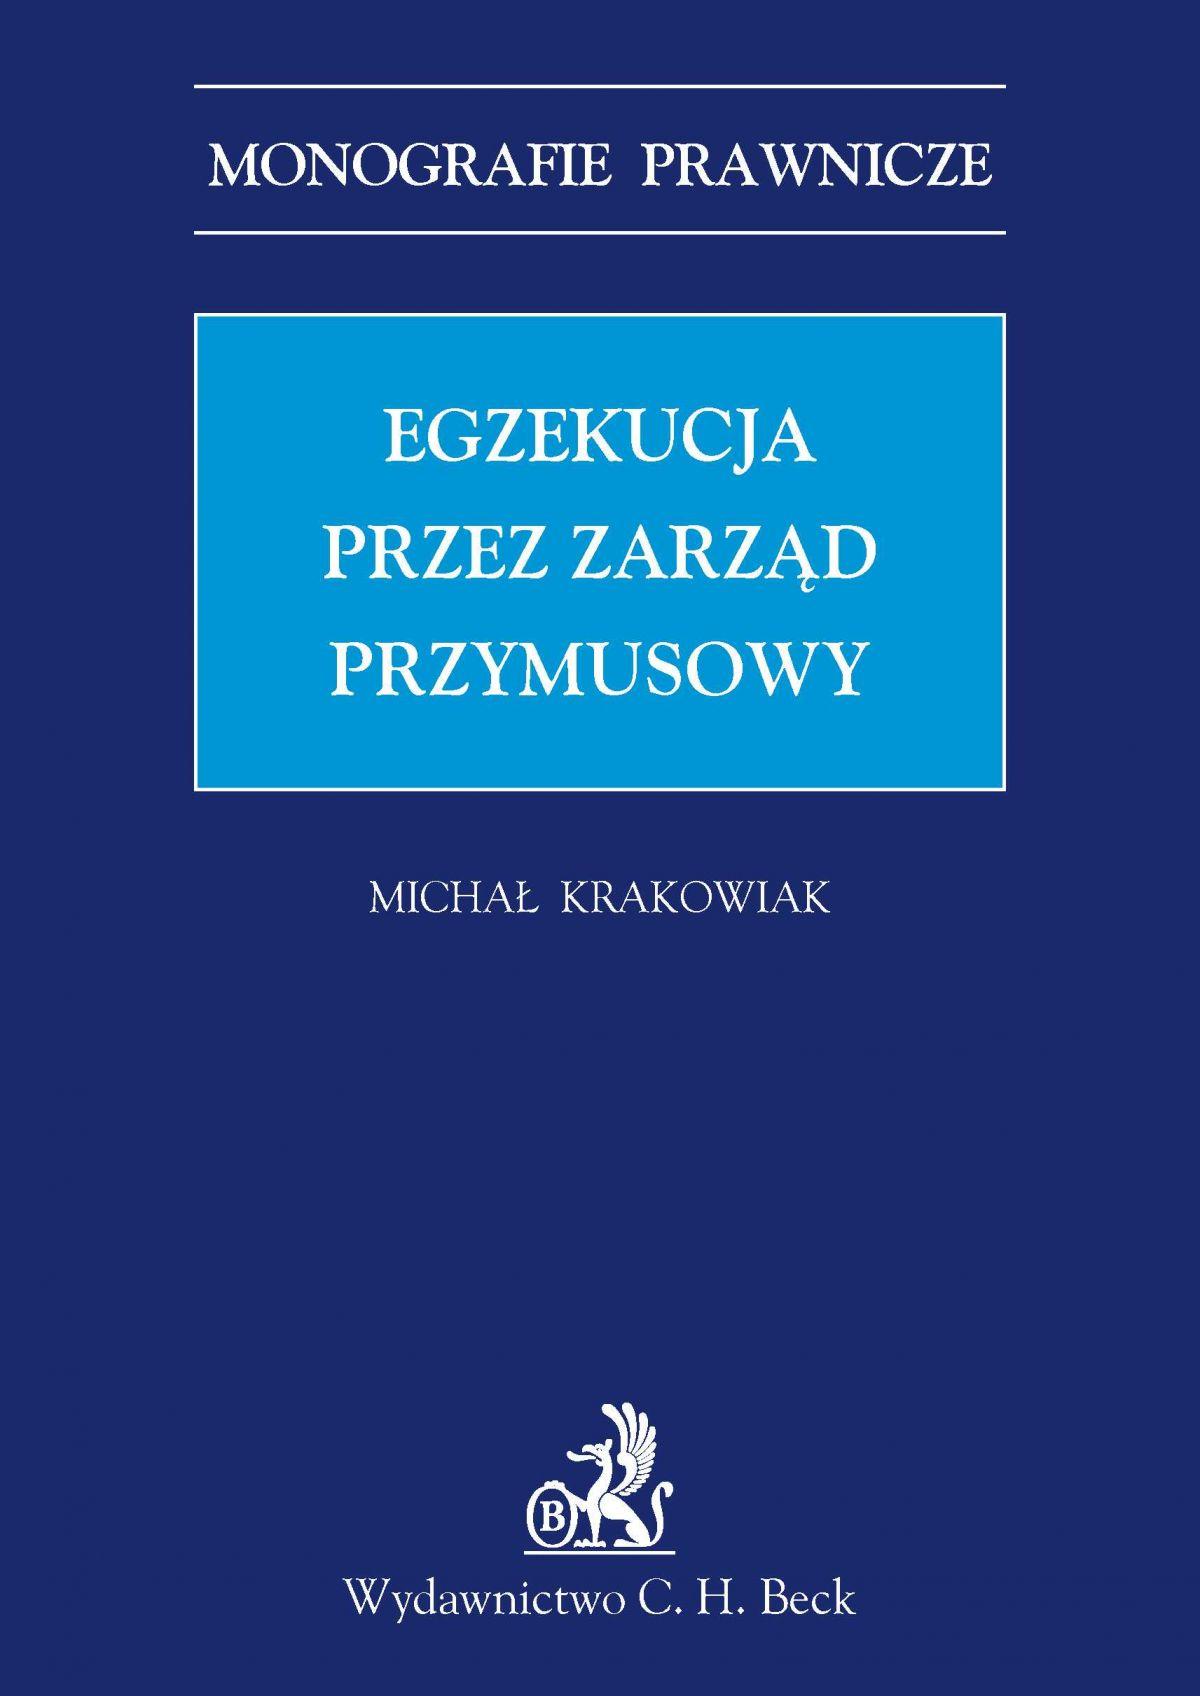 Egzekucja przez zarząd przymusowy - Ebook (Książka PDF) do pobrania w formacie PDF